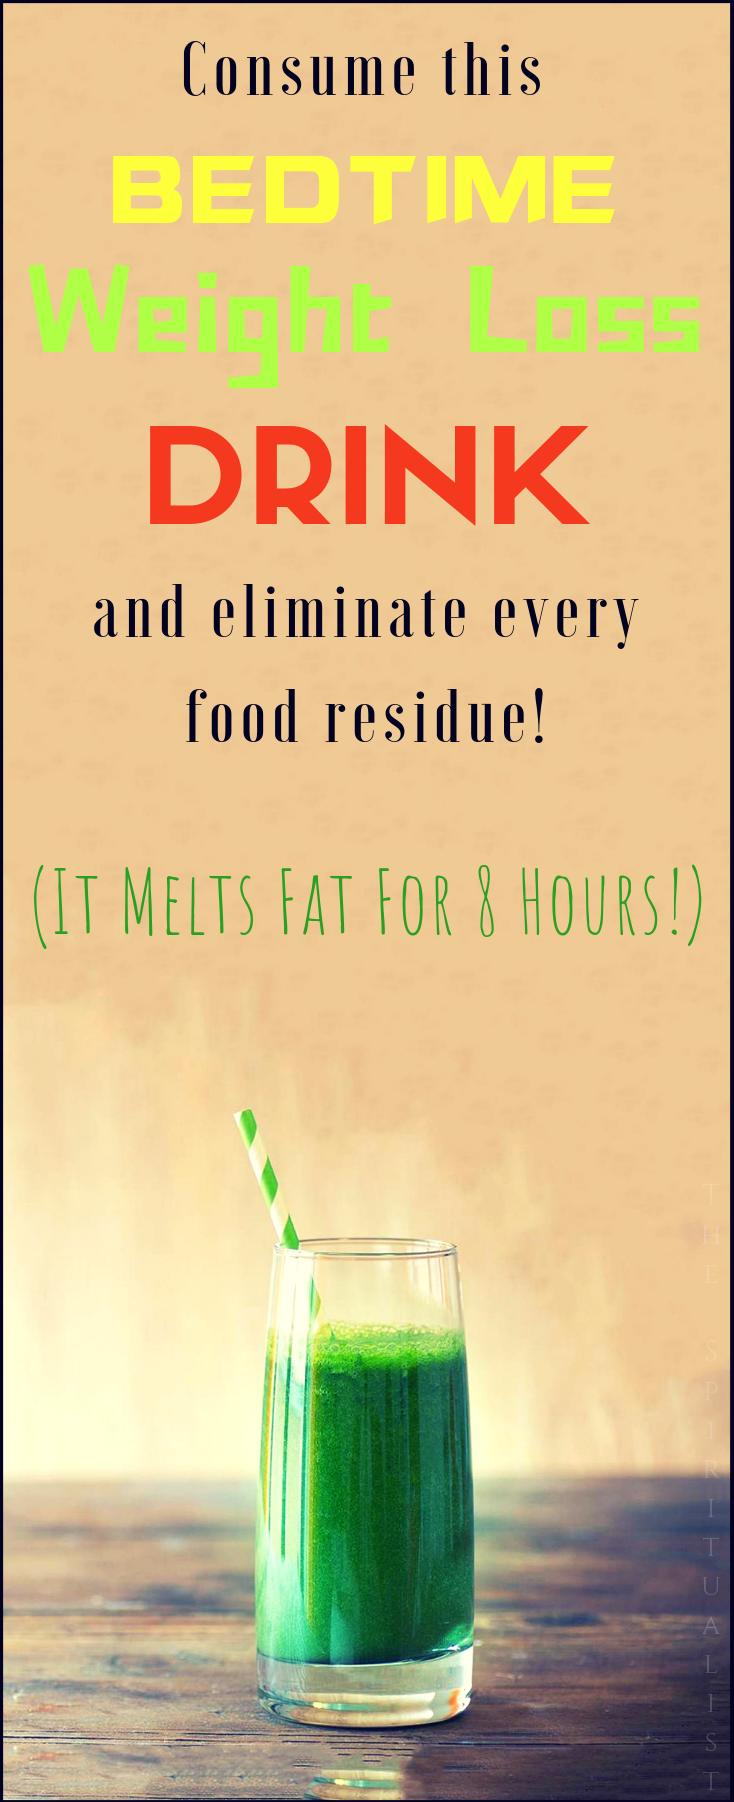 Quick weight loss diet tips #weightlosstips  | amazing weight loss tips#weightlossjourney #fitness #...